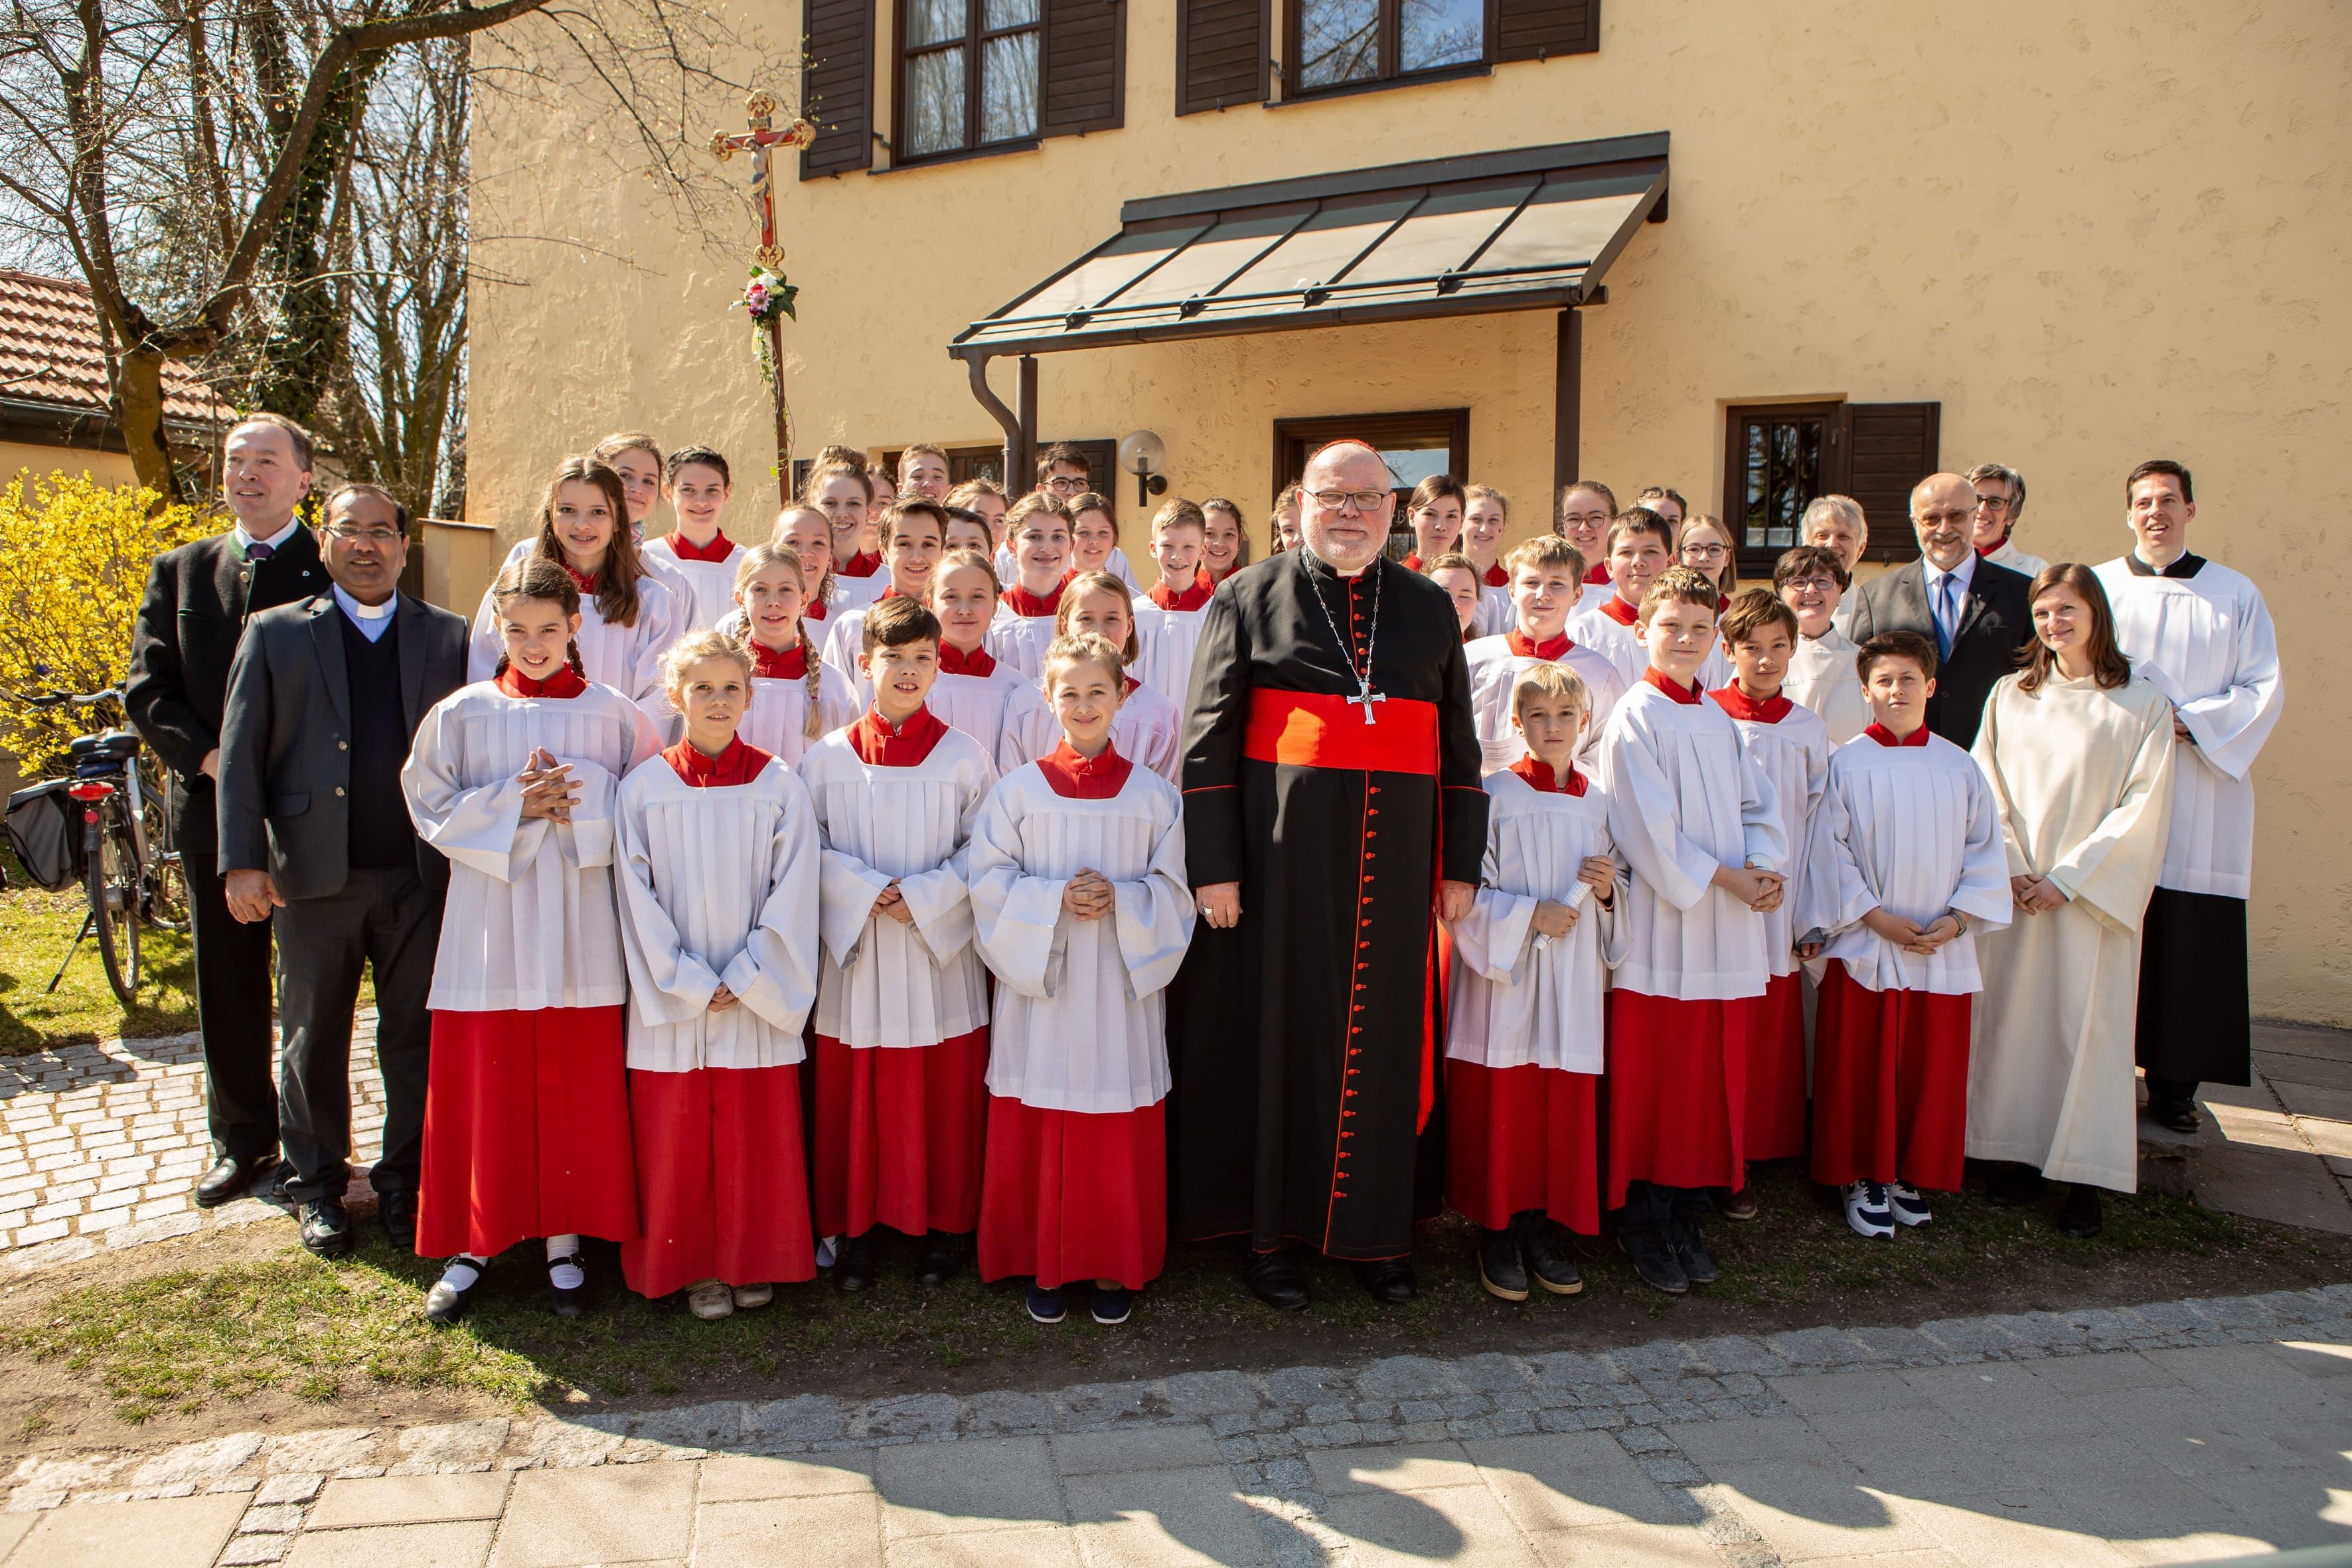 Pfarrkirche Mariä Himmelfahrt Bad Aibling Gruppenfoto